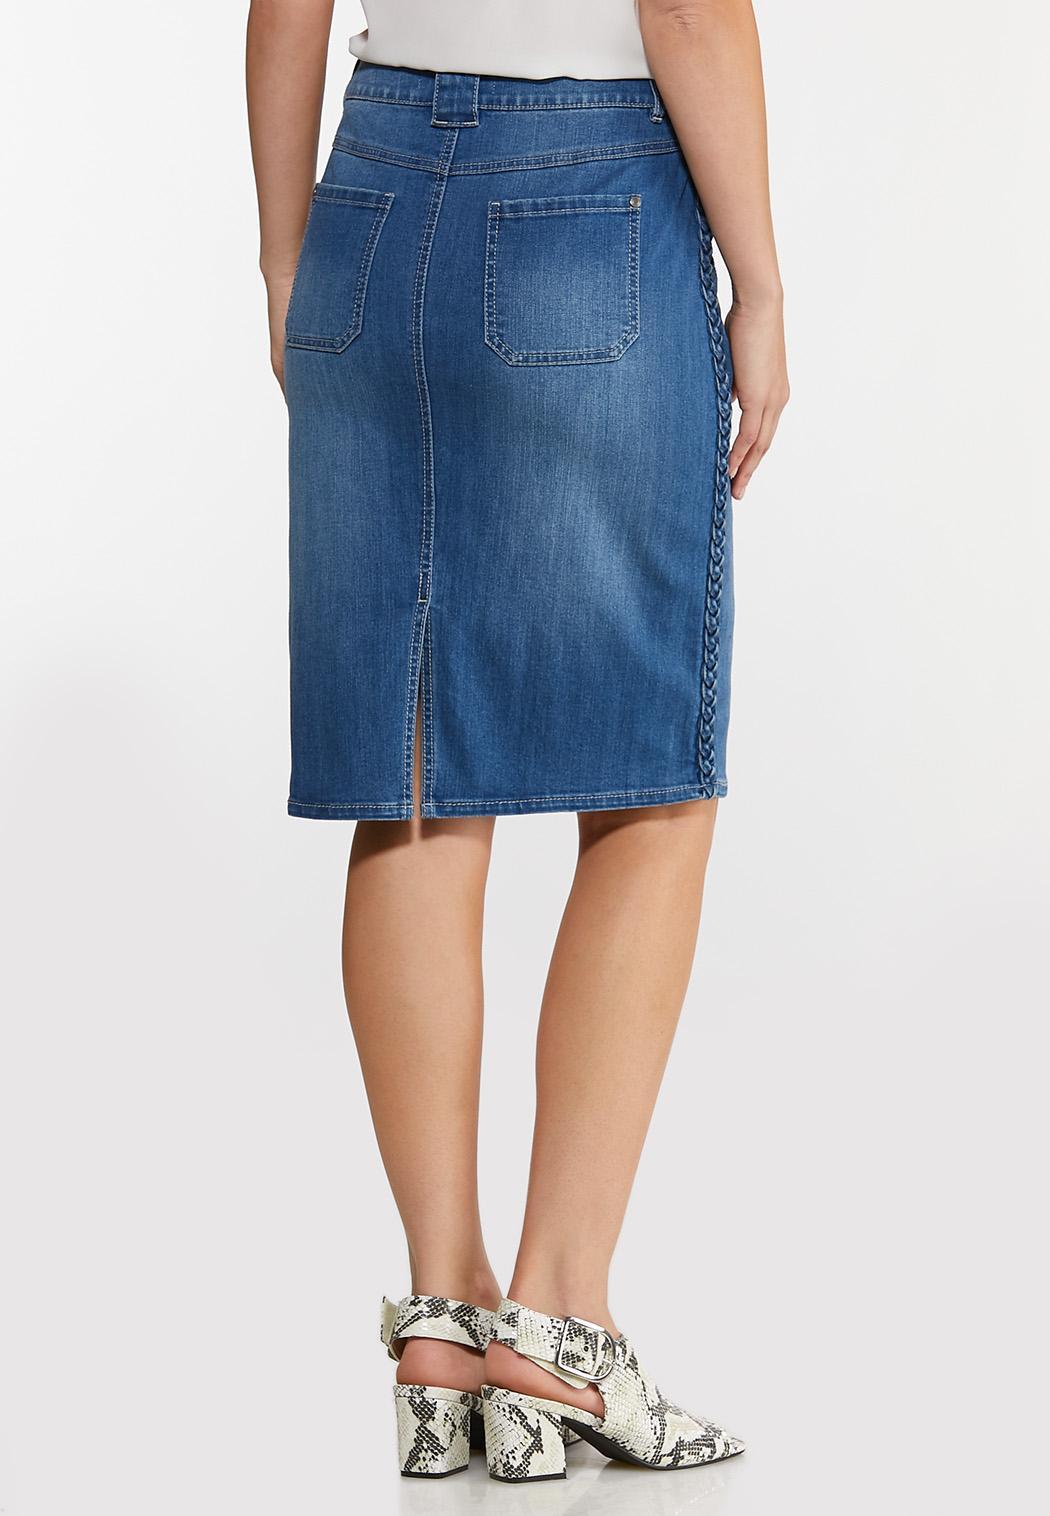 Braided Trim Denim Skirt (Item #44142137)